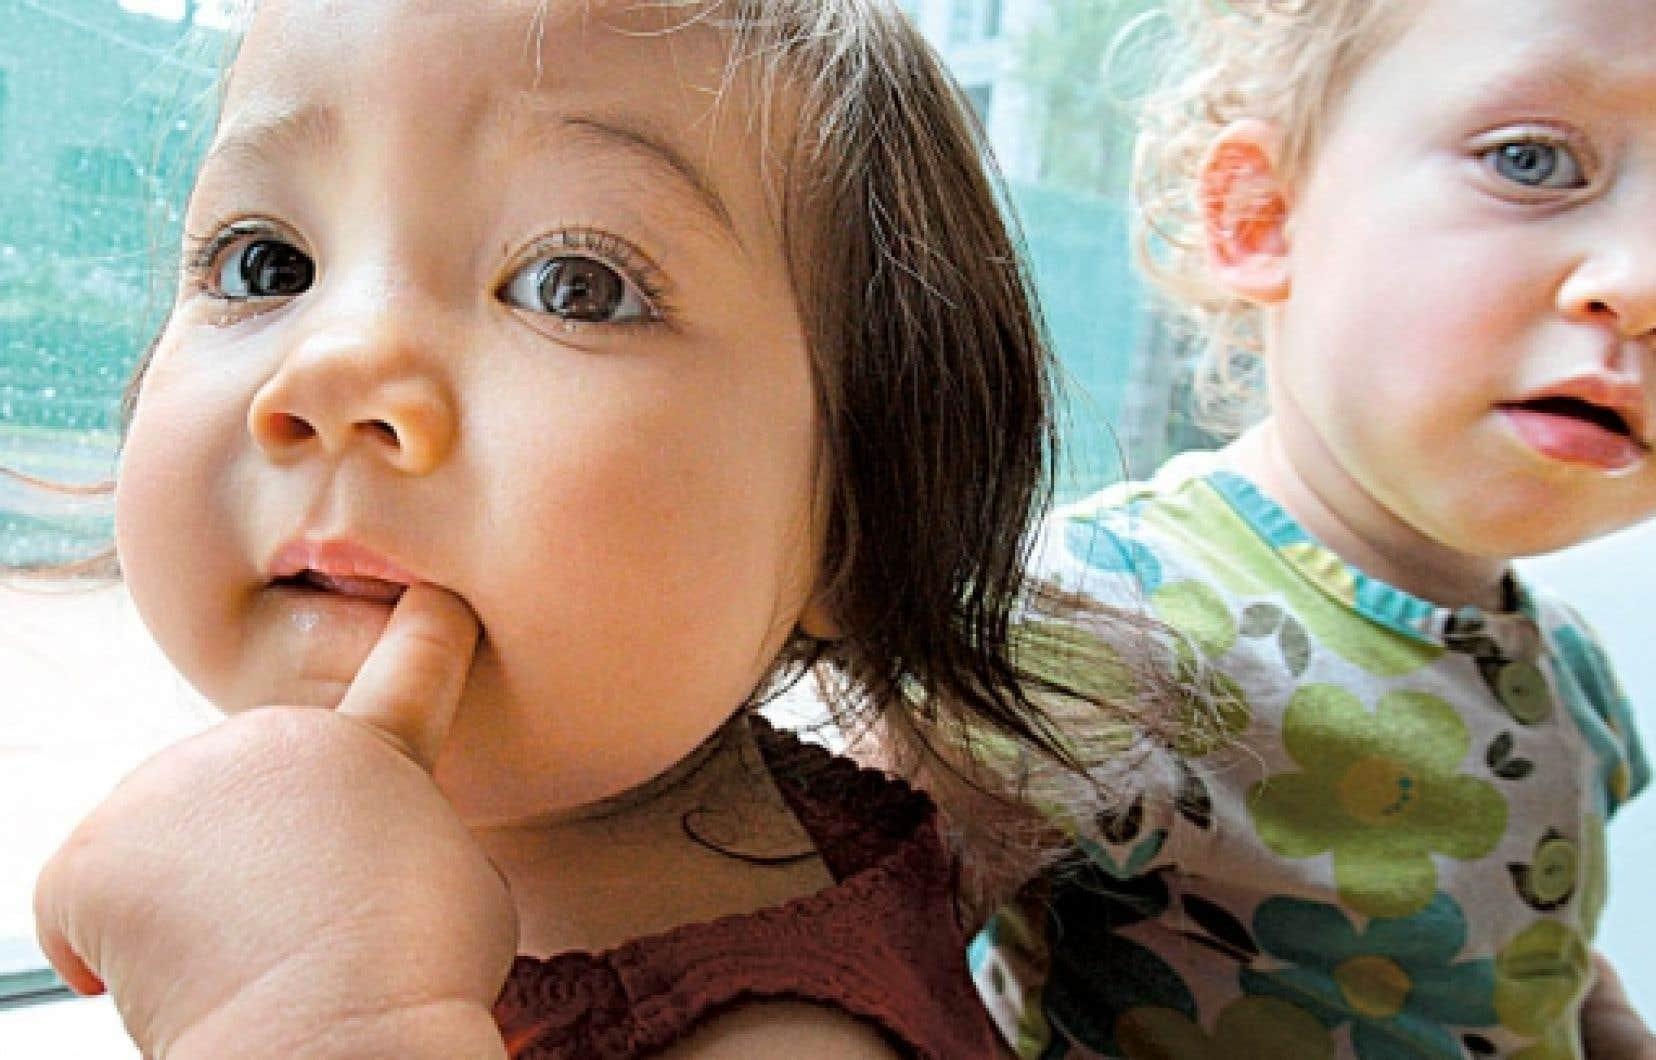 Lorsqu&rsquo;ils sont &laquo;forc&eacute;s&raquo; de partager les m&ecirc;mes jeux, les enfants semblent s&rsquo;adapter &agrave; merveille.&nbsp; <br />